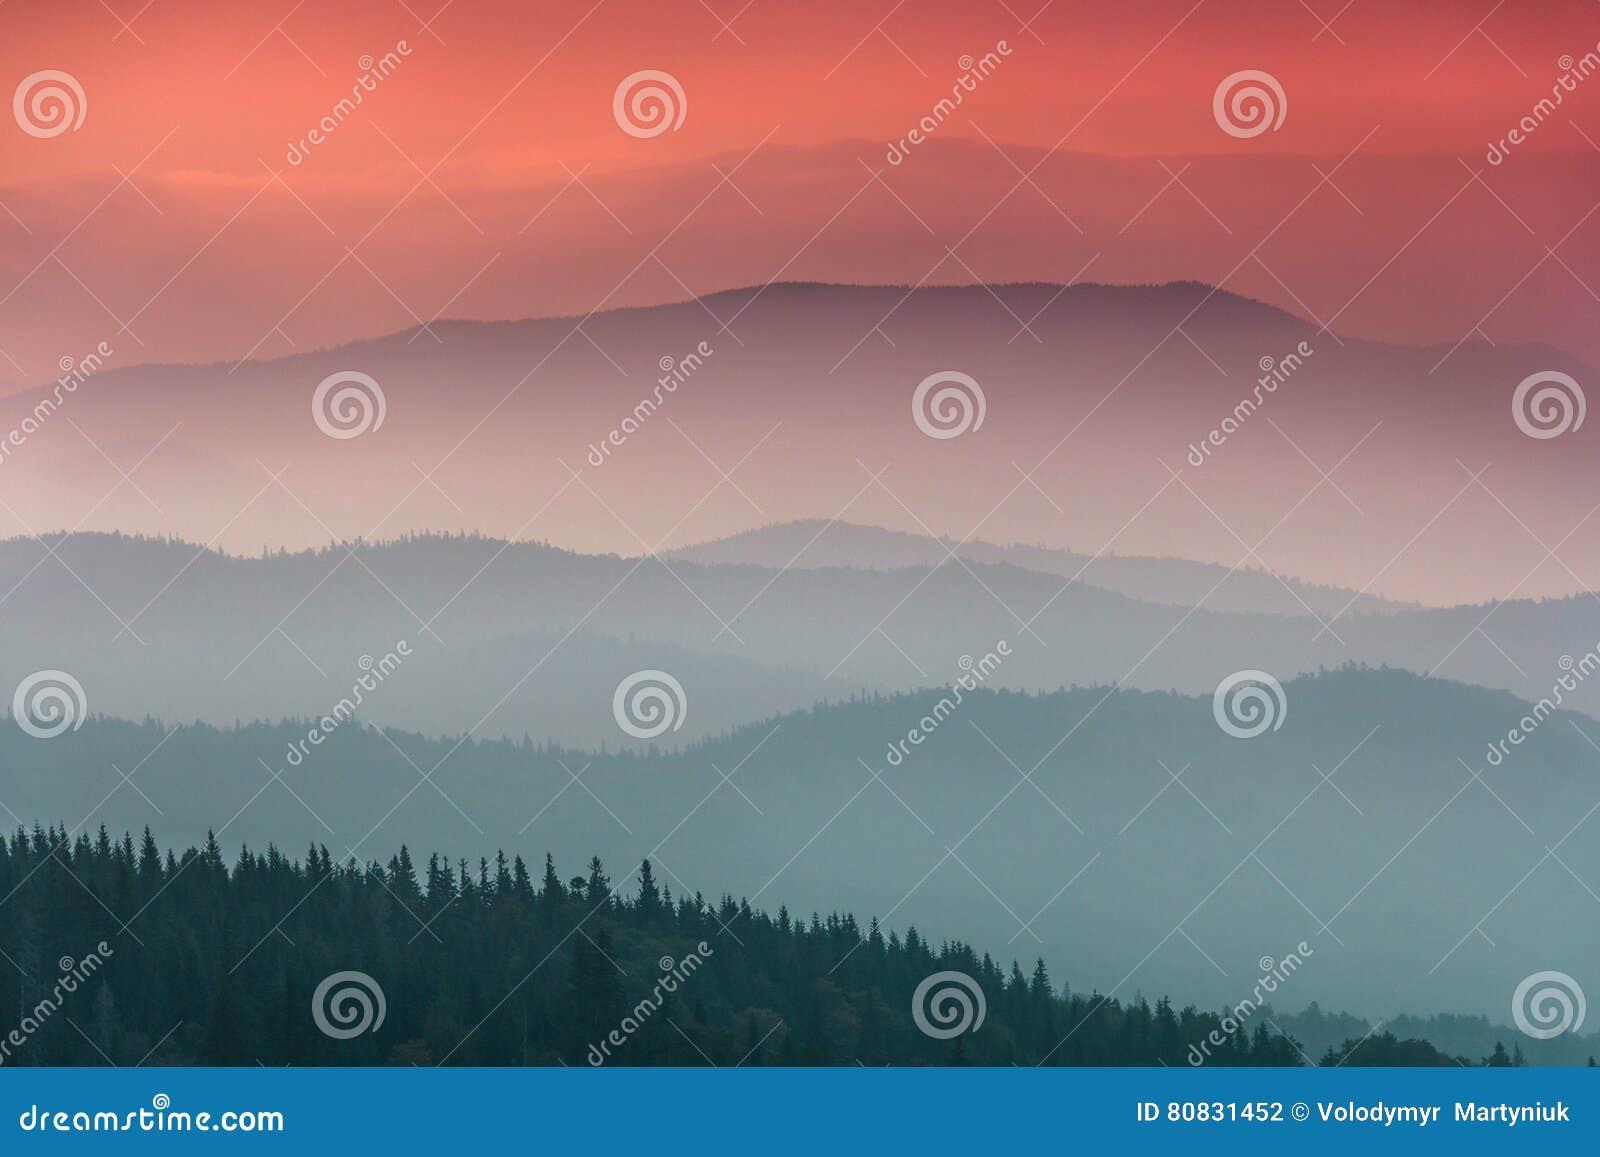 Krajobraz z kolorowymi warstwami góry i mgiełek wzgórza zakrywający lasem